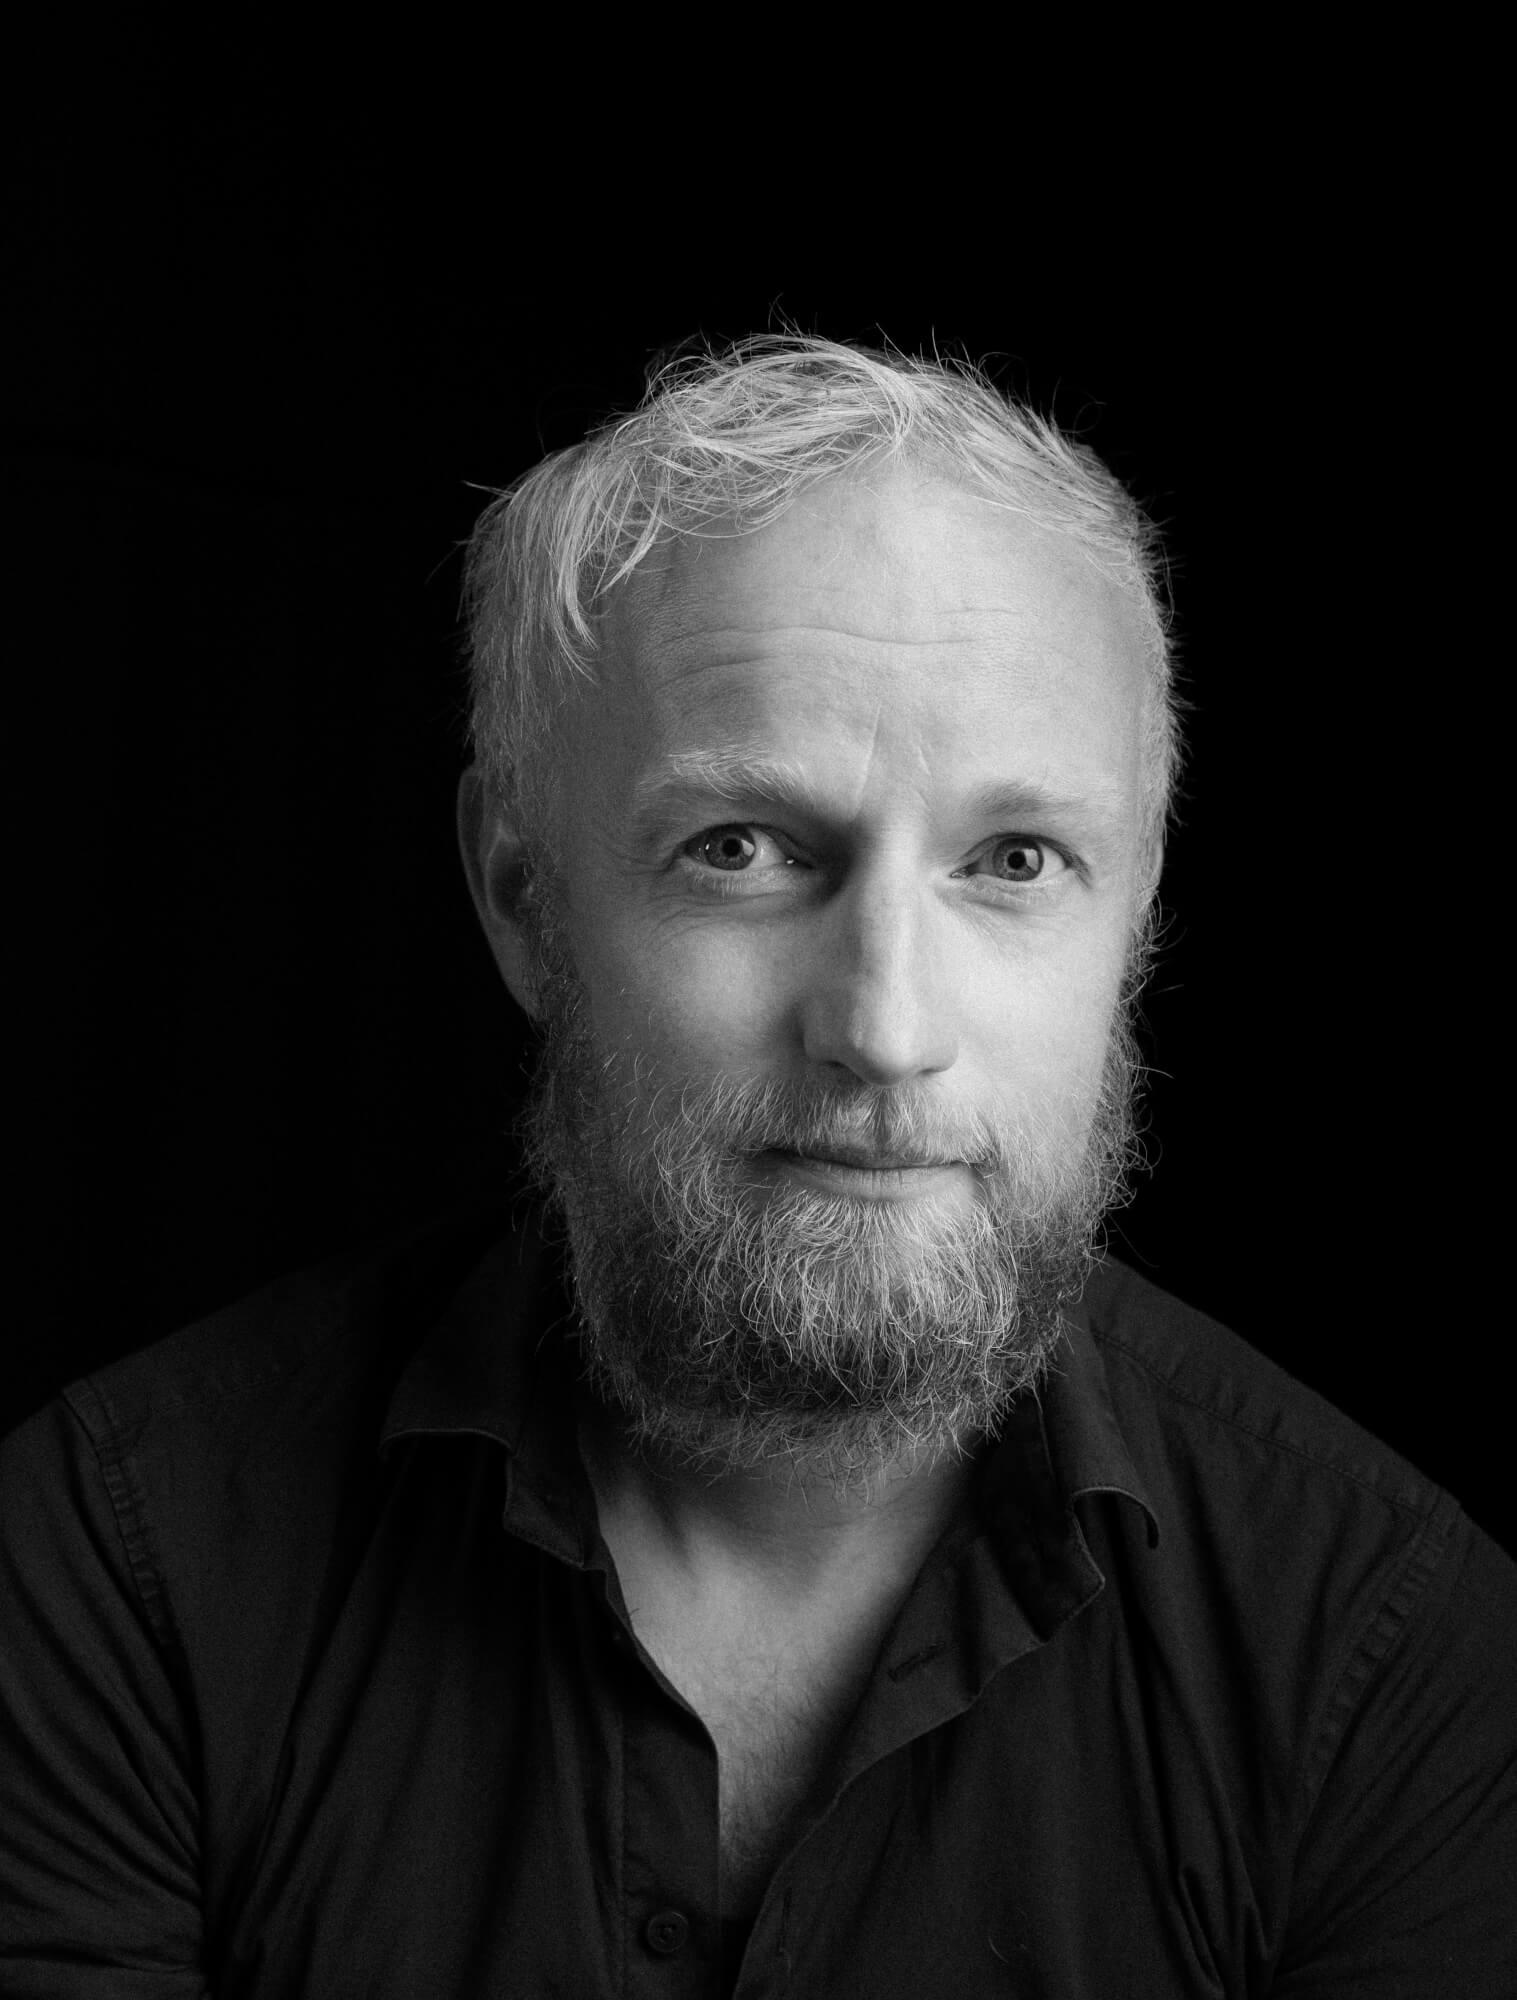 Håkon Moe